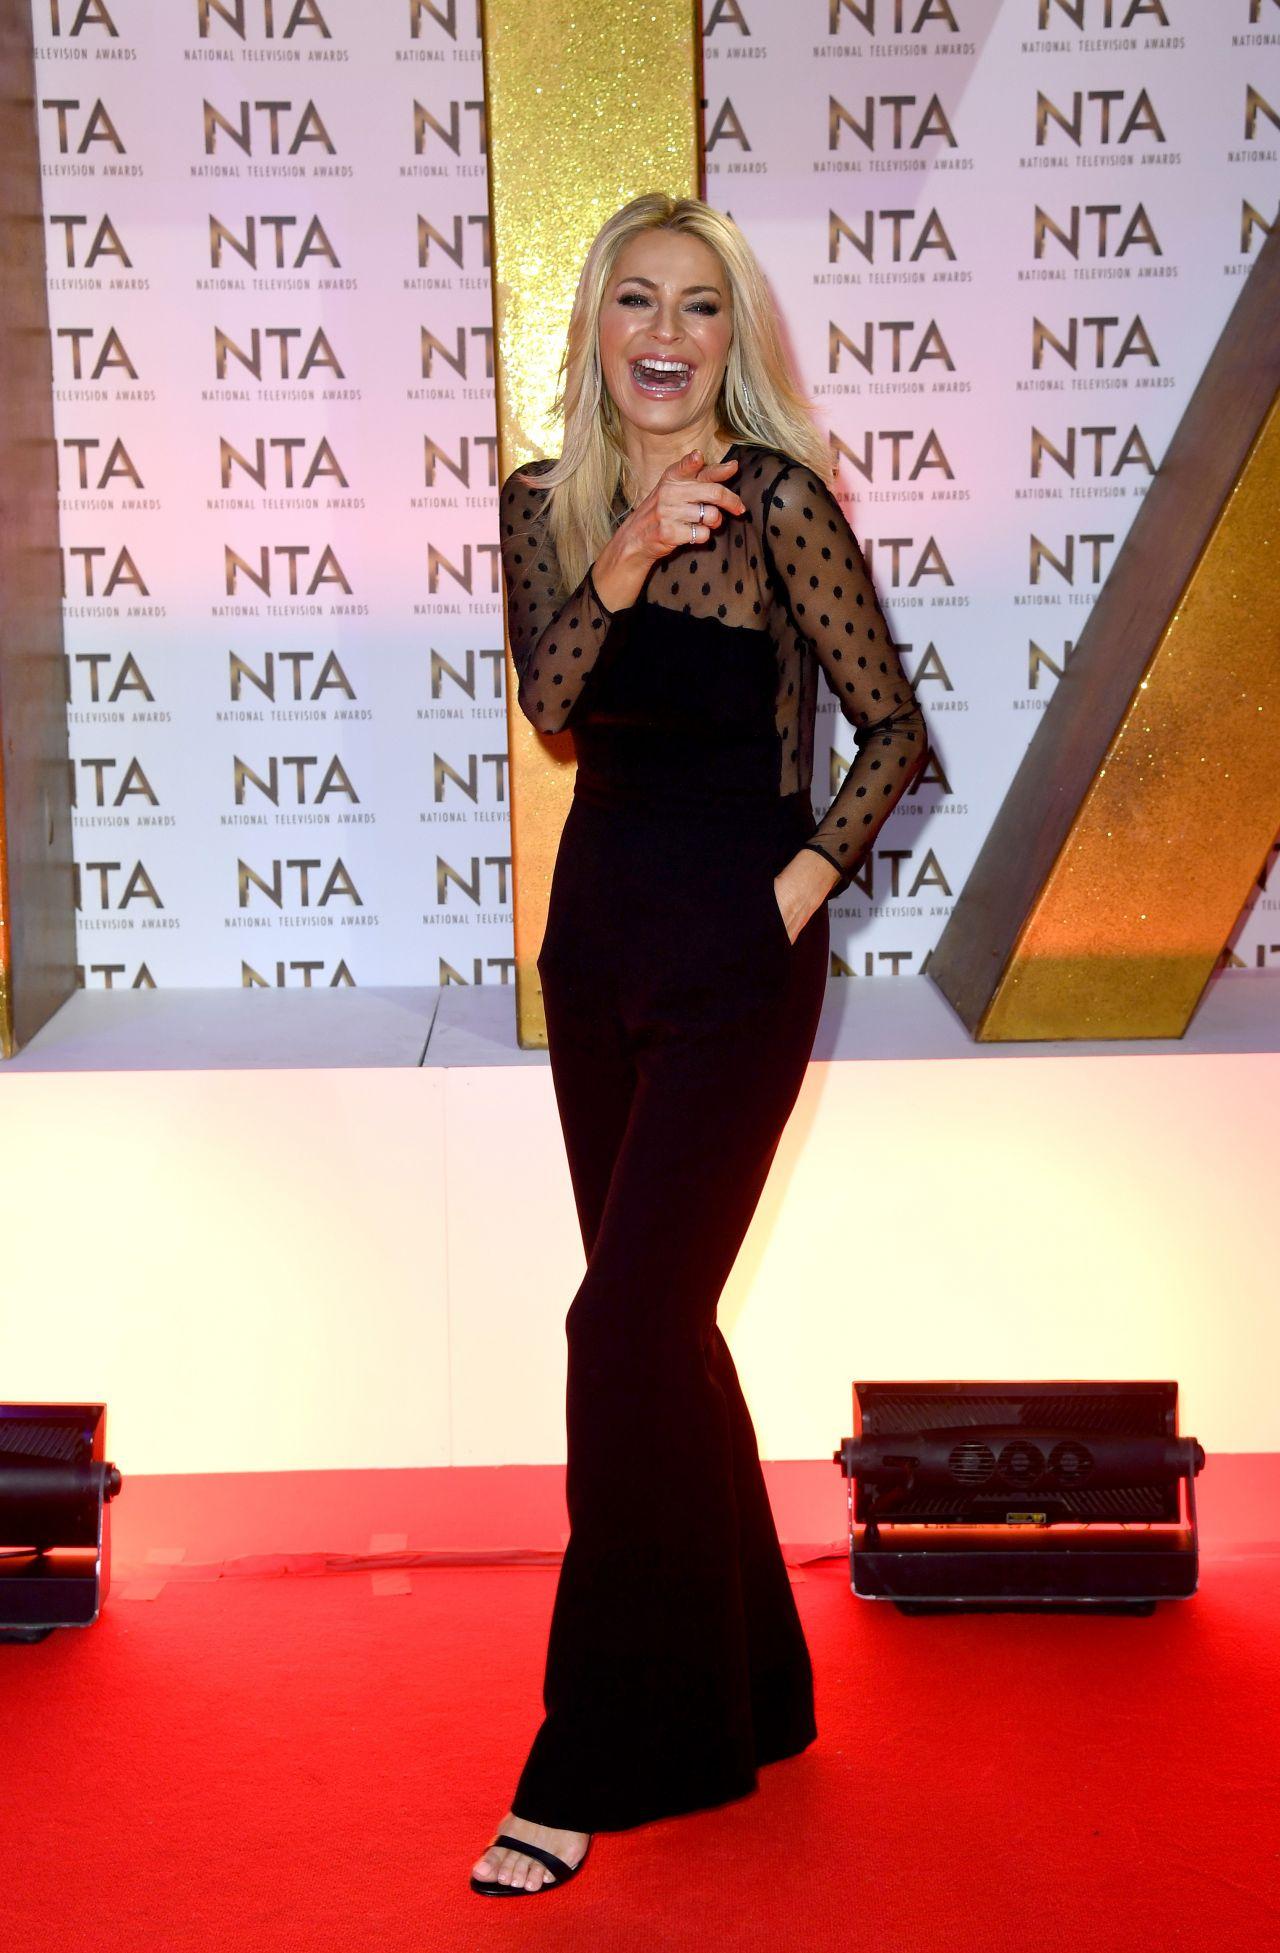 nta awards - photo #3